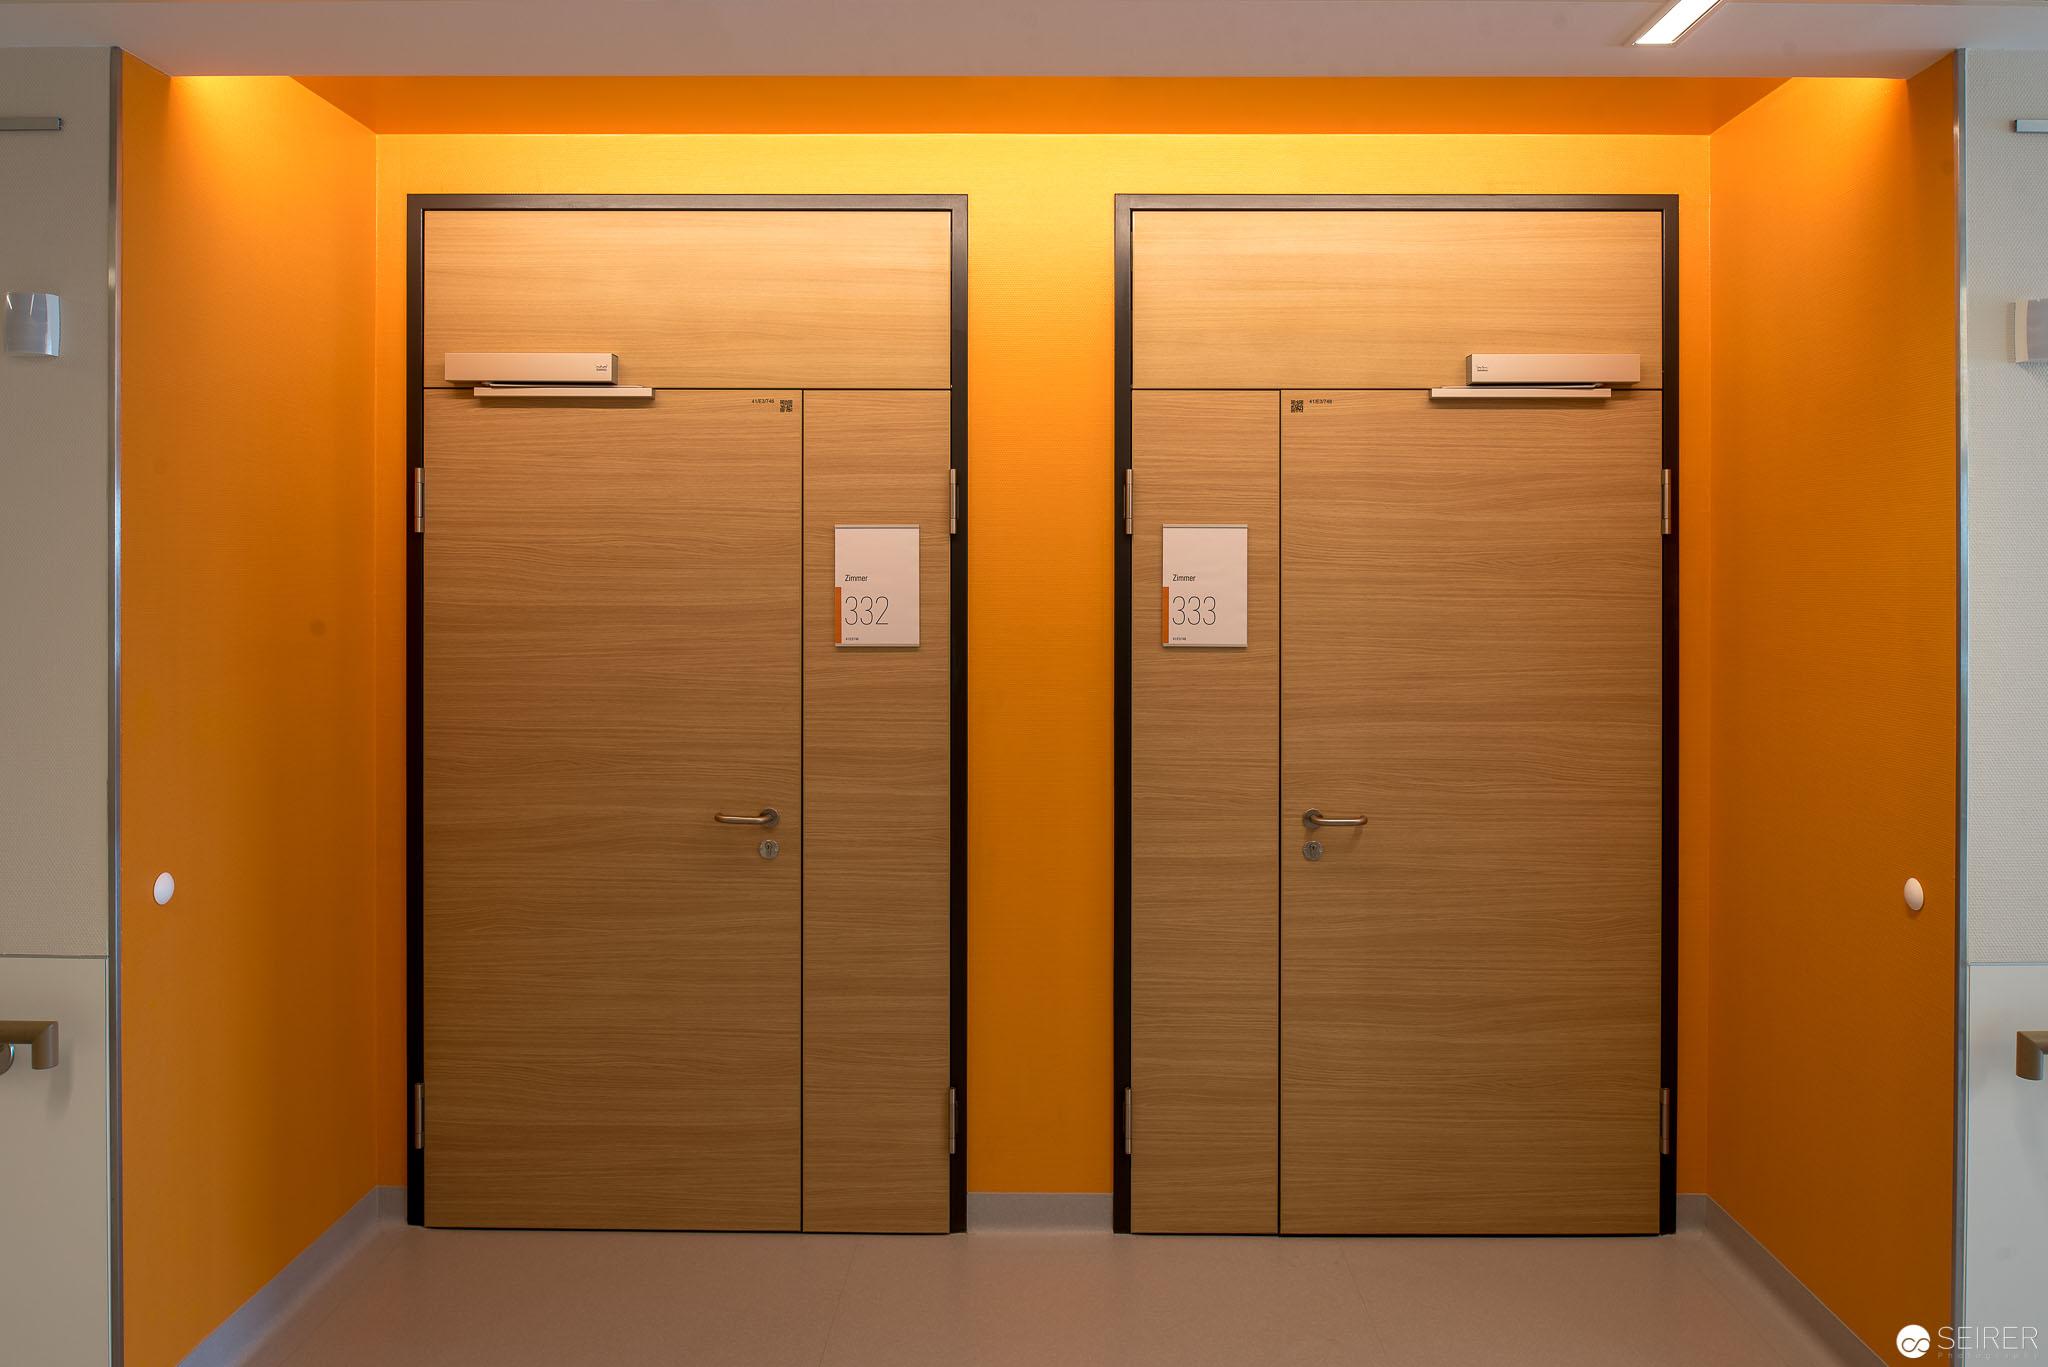 Eingänge zu Zweier- und Viererzimmern,Universitätsklinik St. Pölten